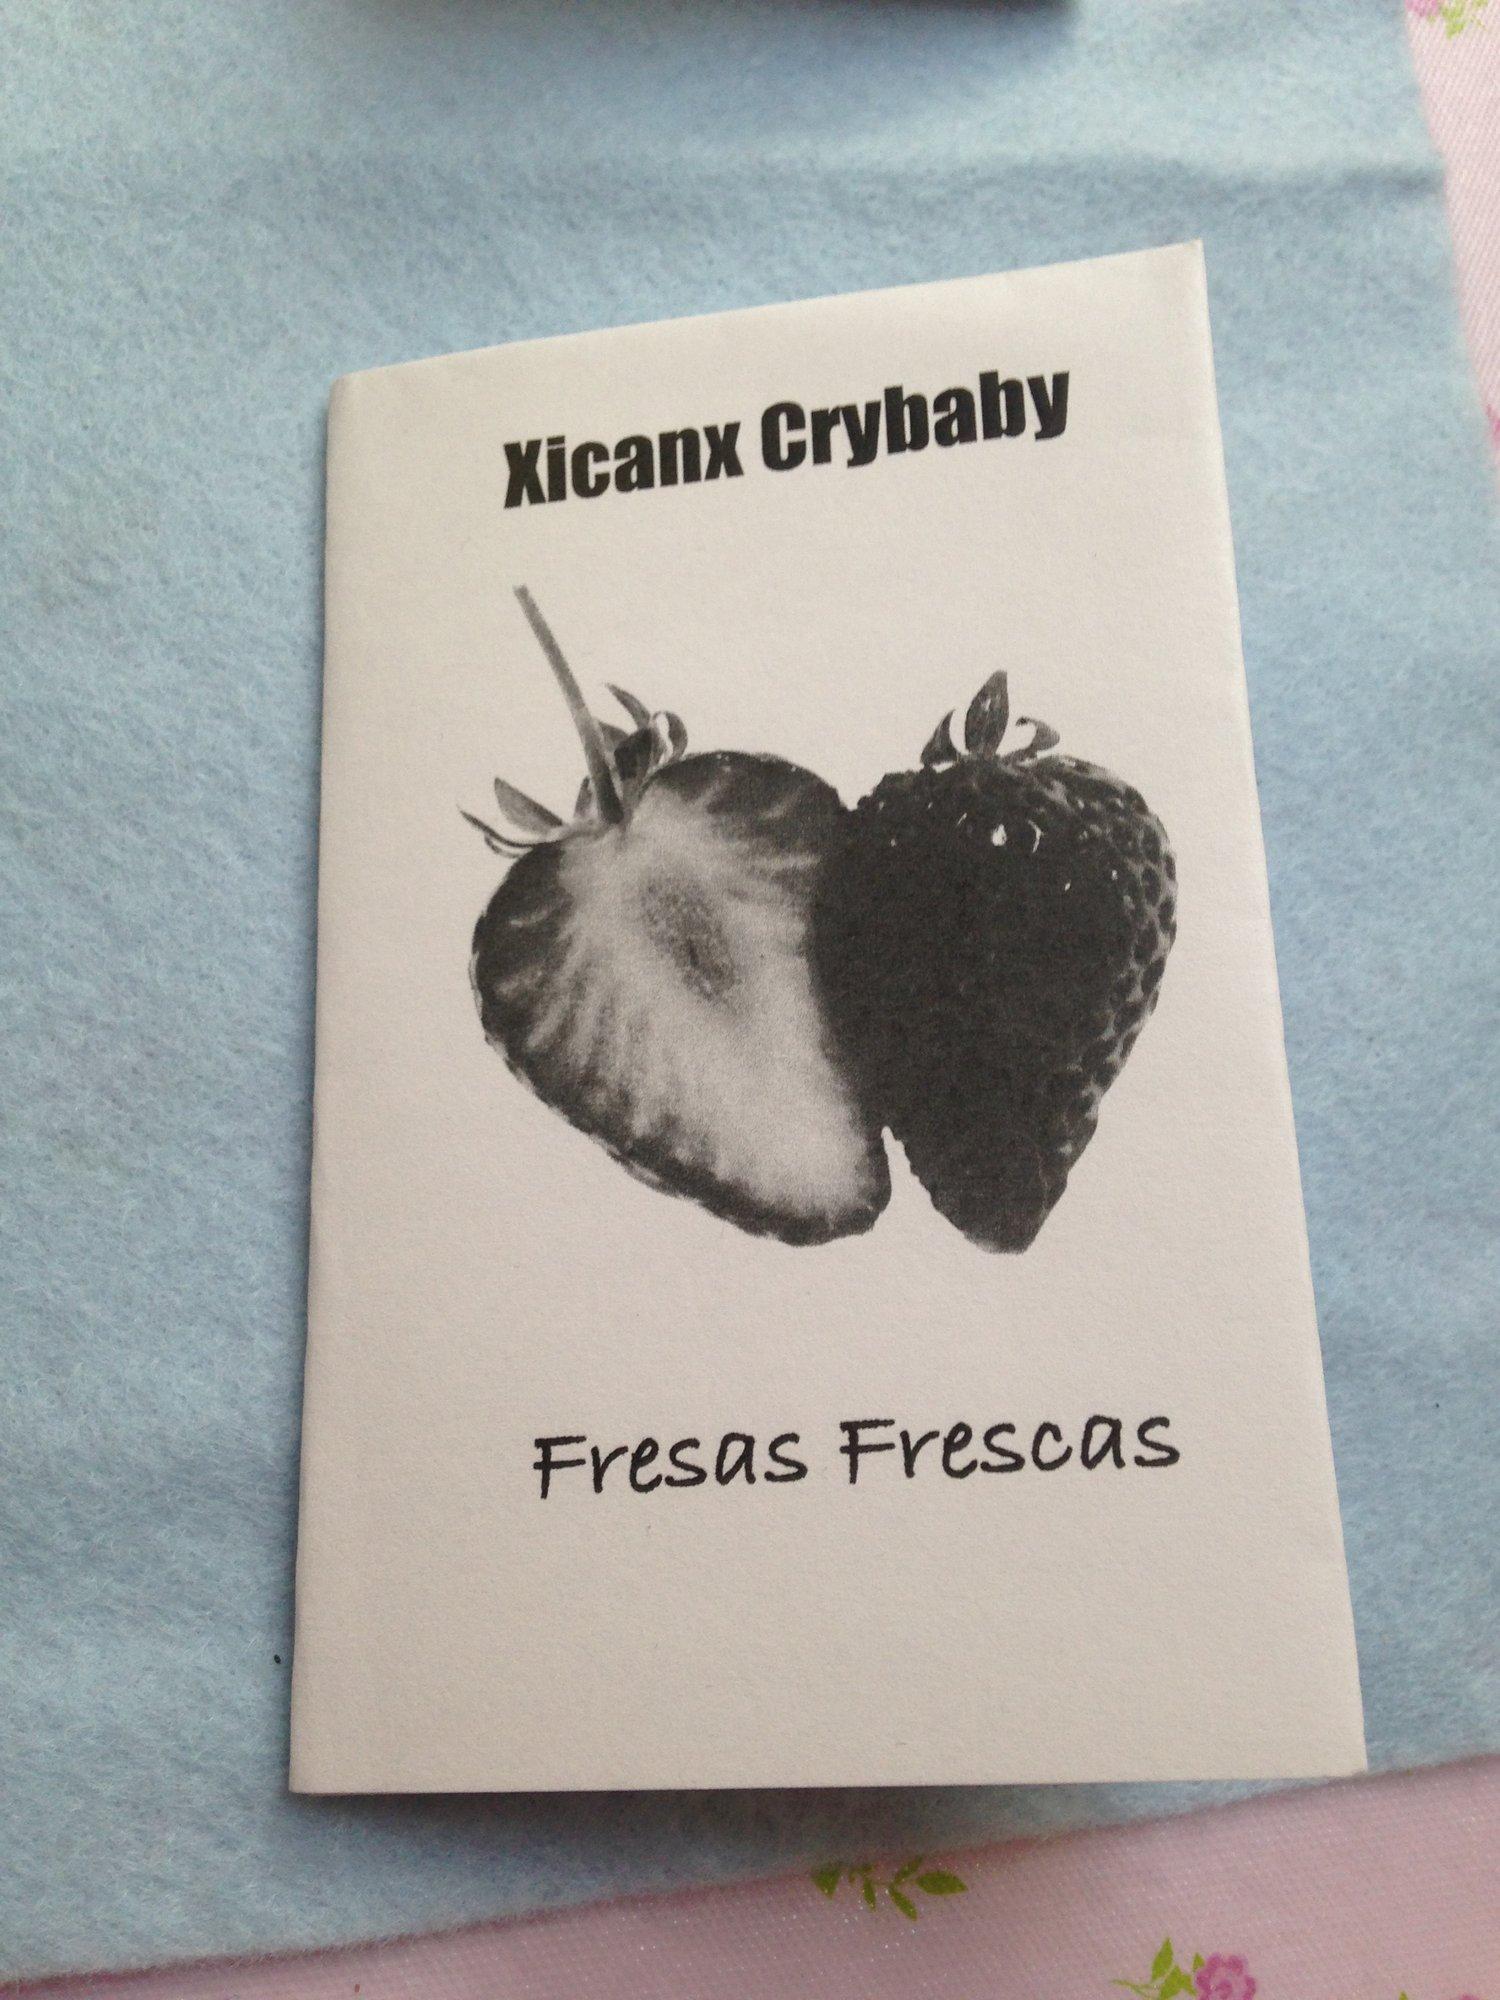 Image of fresas frescas